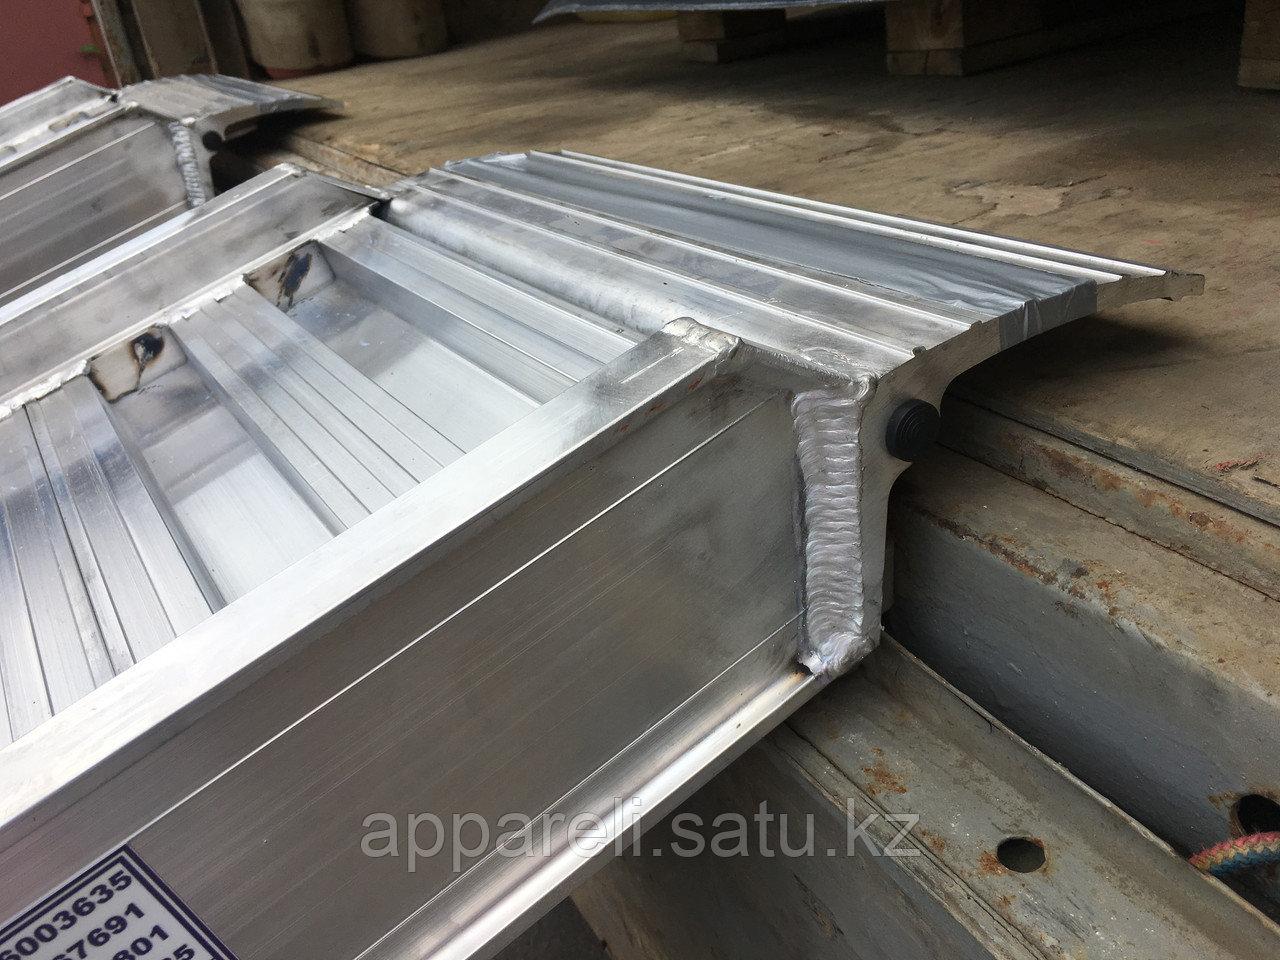 Производство трапов сходней алюминиевых аппарелей 4900 кг